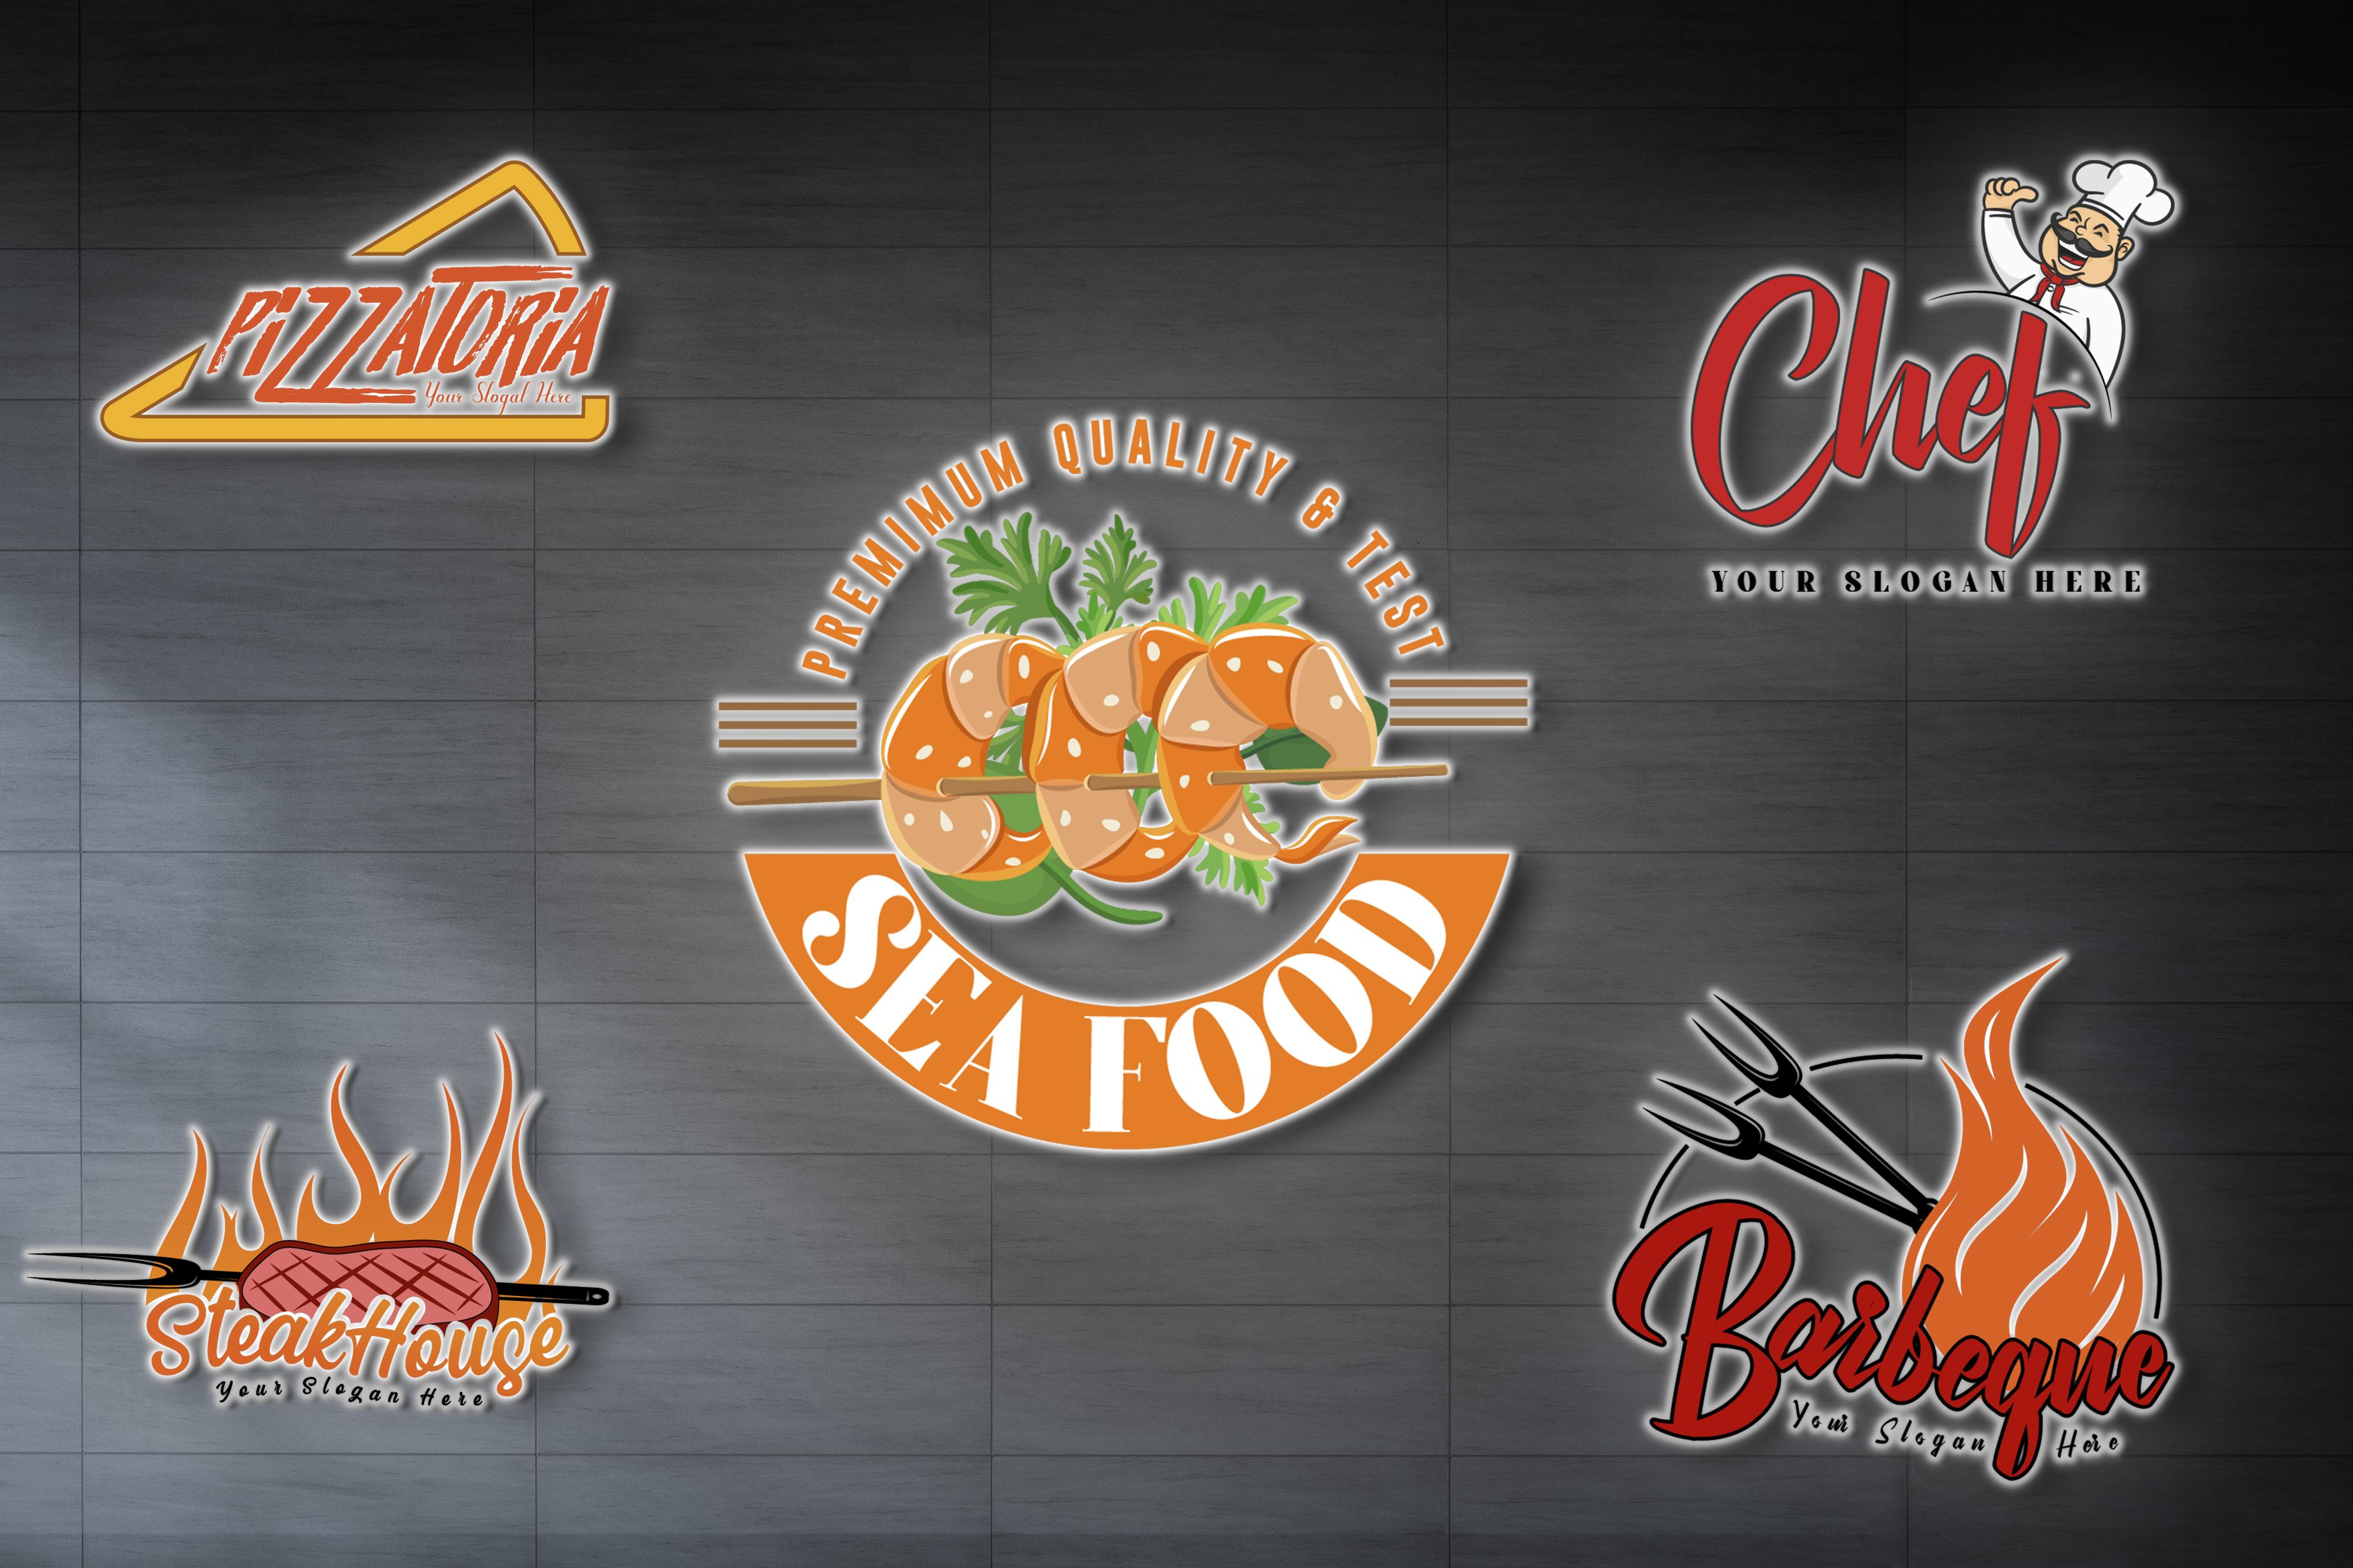 I am expert in food logo design